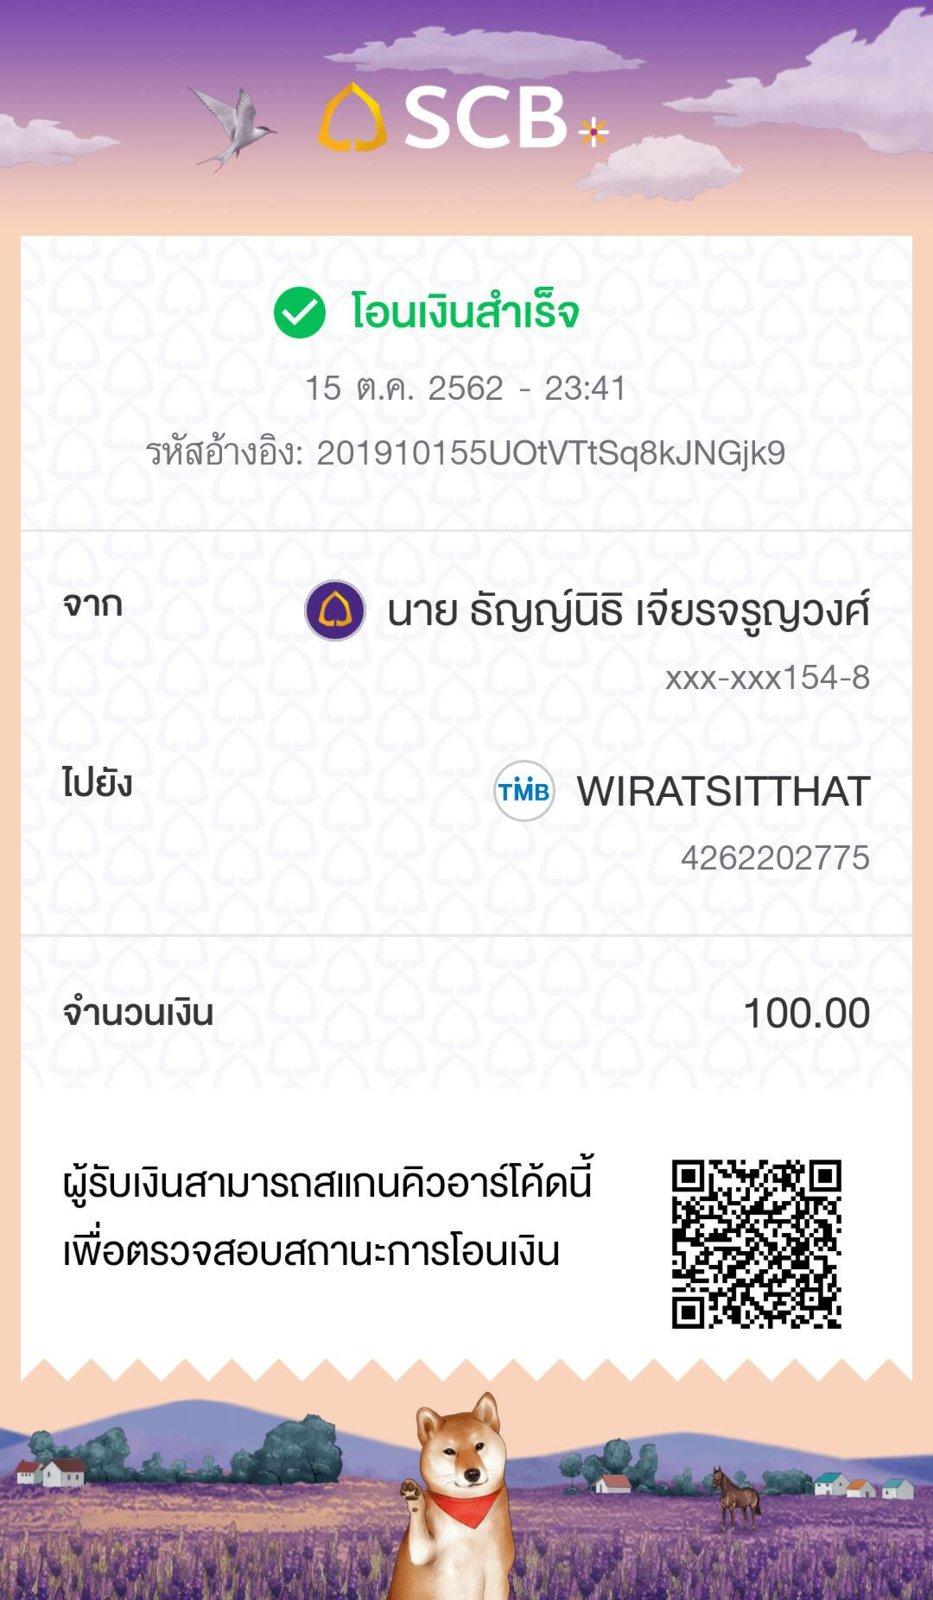 TXN_201910155UOtVTtSq8kJNGjk9.jpg